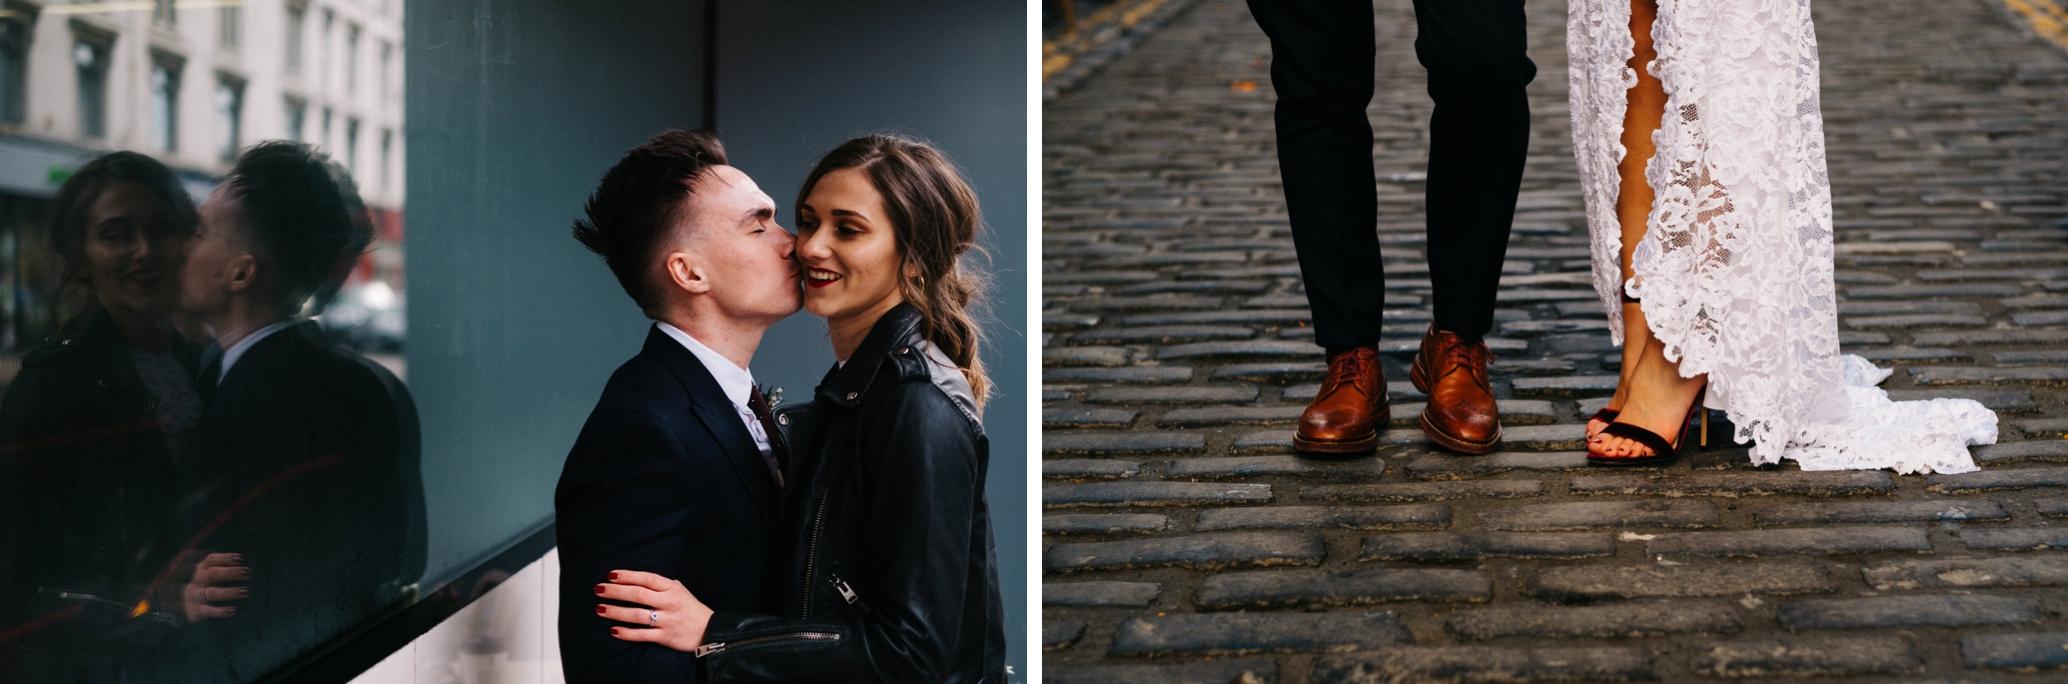 Ubiquitous Chip Glasgow Wedding Photographer